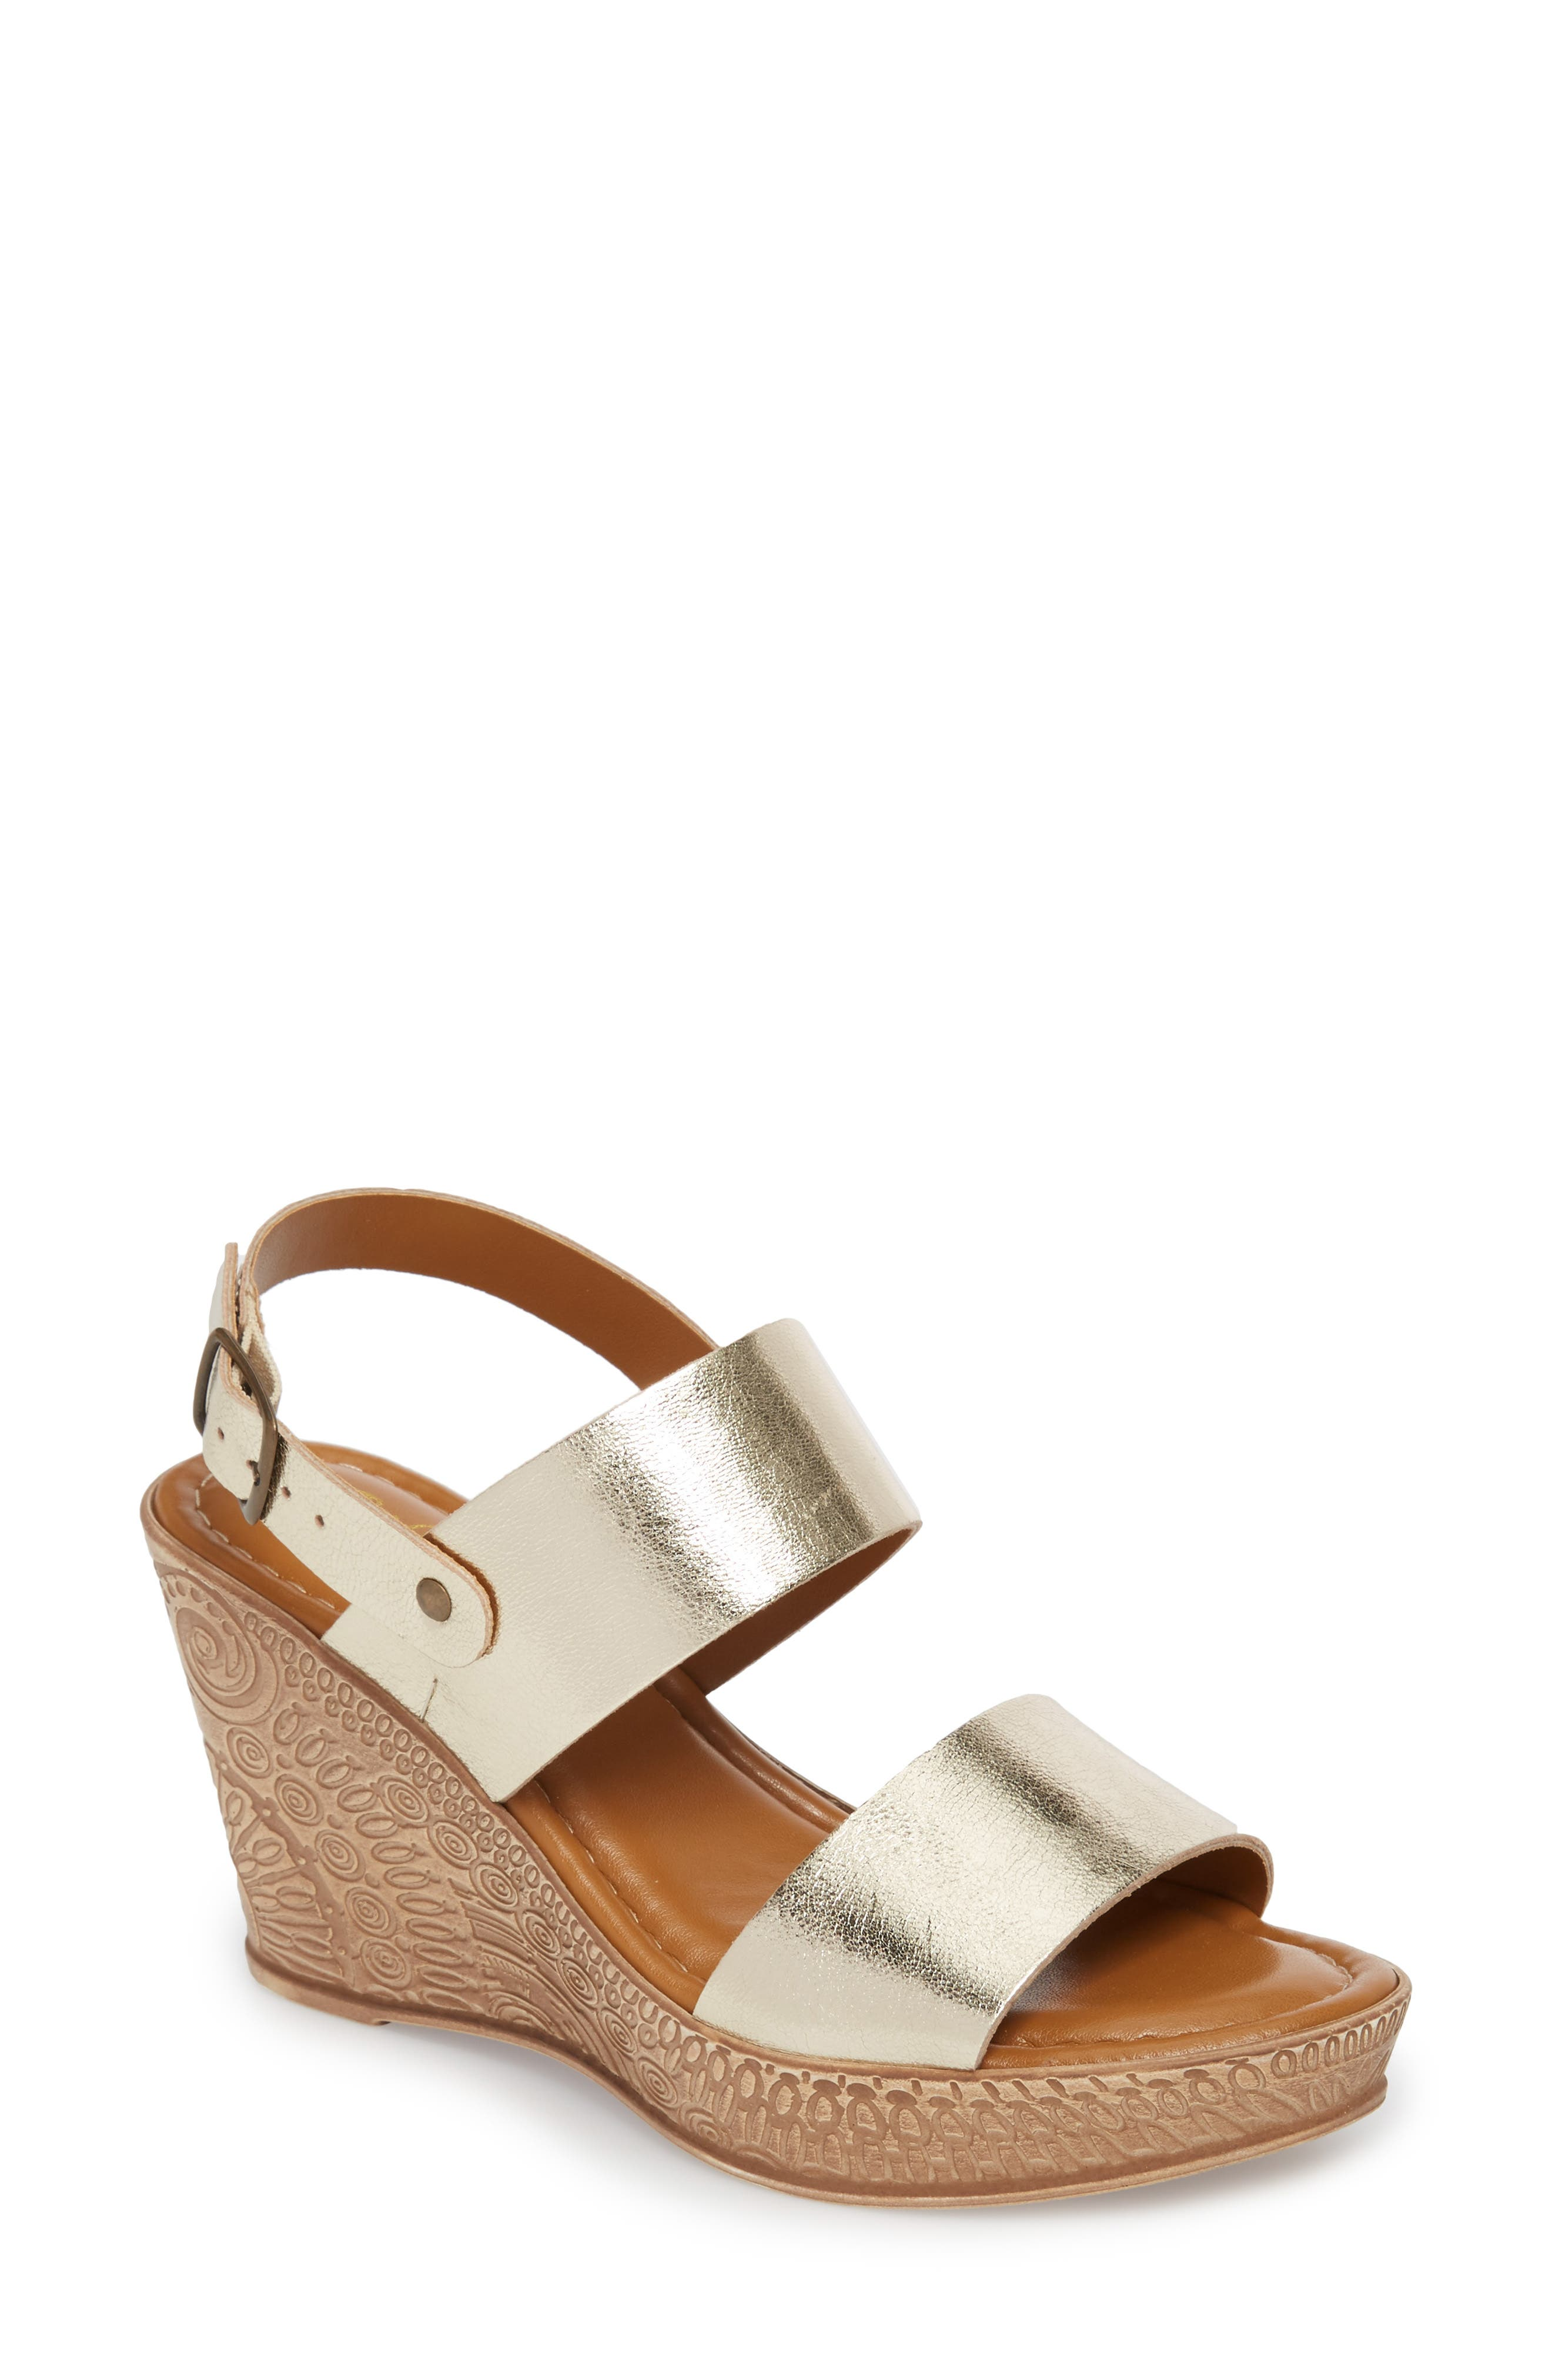 Alternate Image 1 Selected - Bella Vita Cor Wedge Sandal (Women)